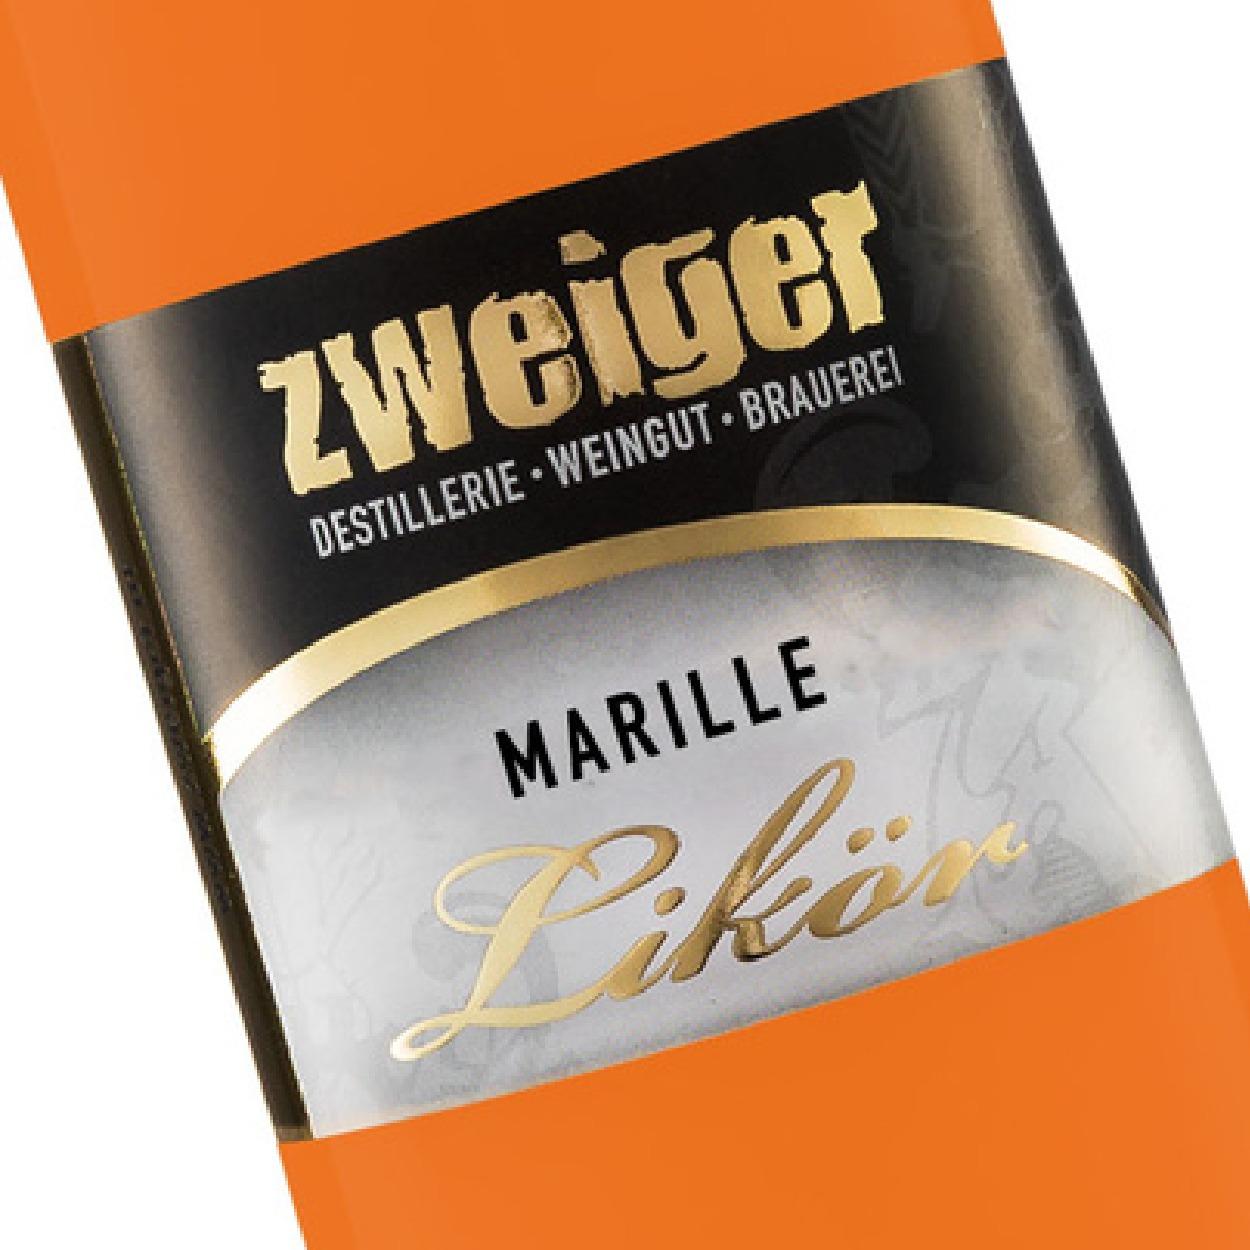 Marille Cremelikör Zweiger Destillerie